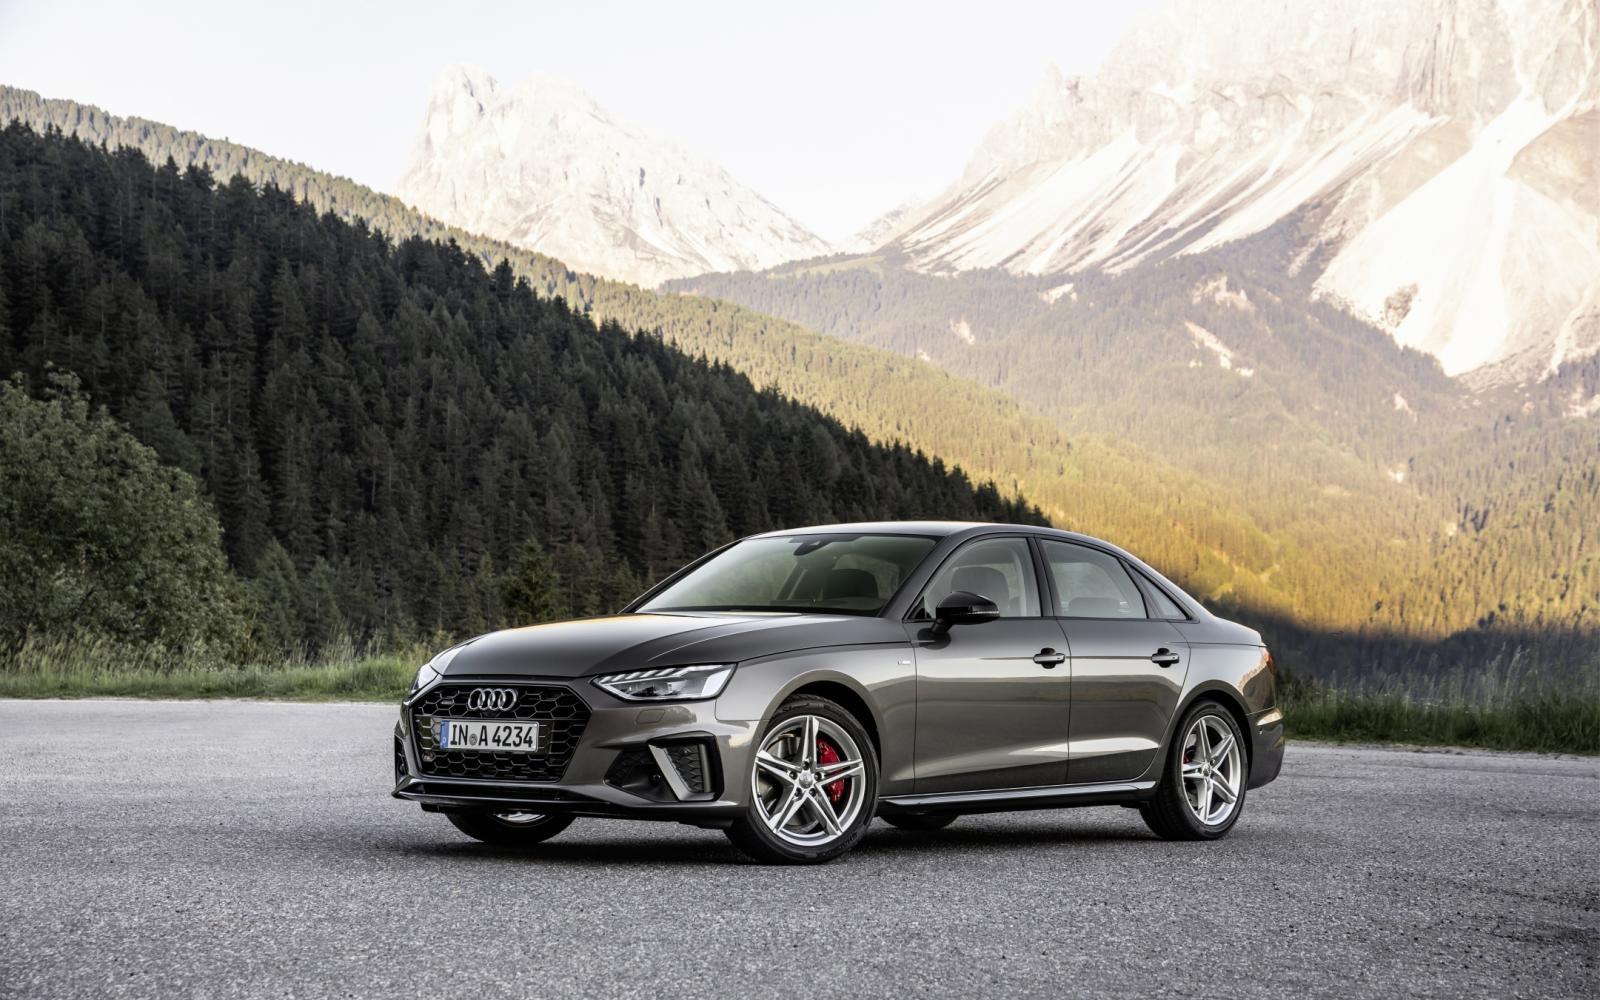 Kelebihan Kekurangan A4 Audi 2019 Harga